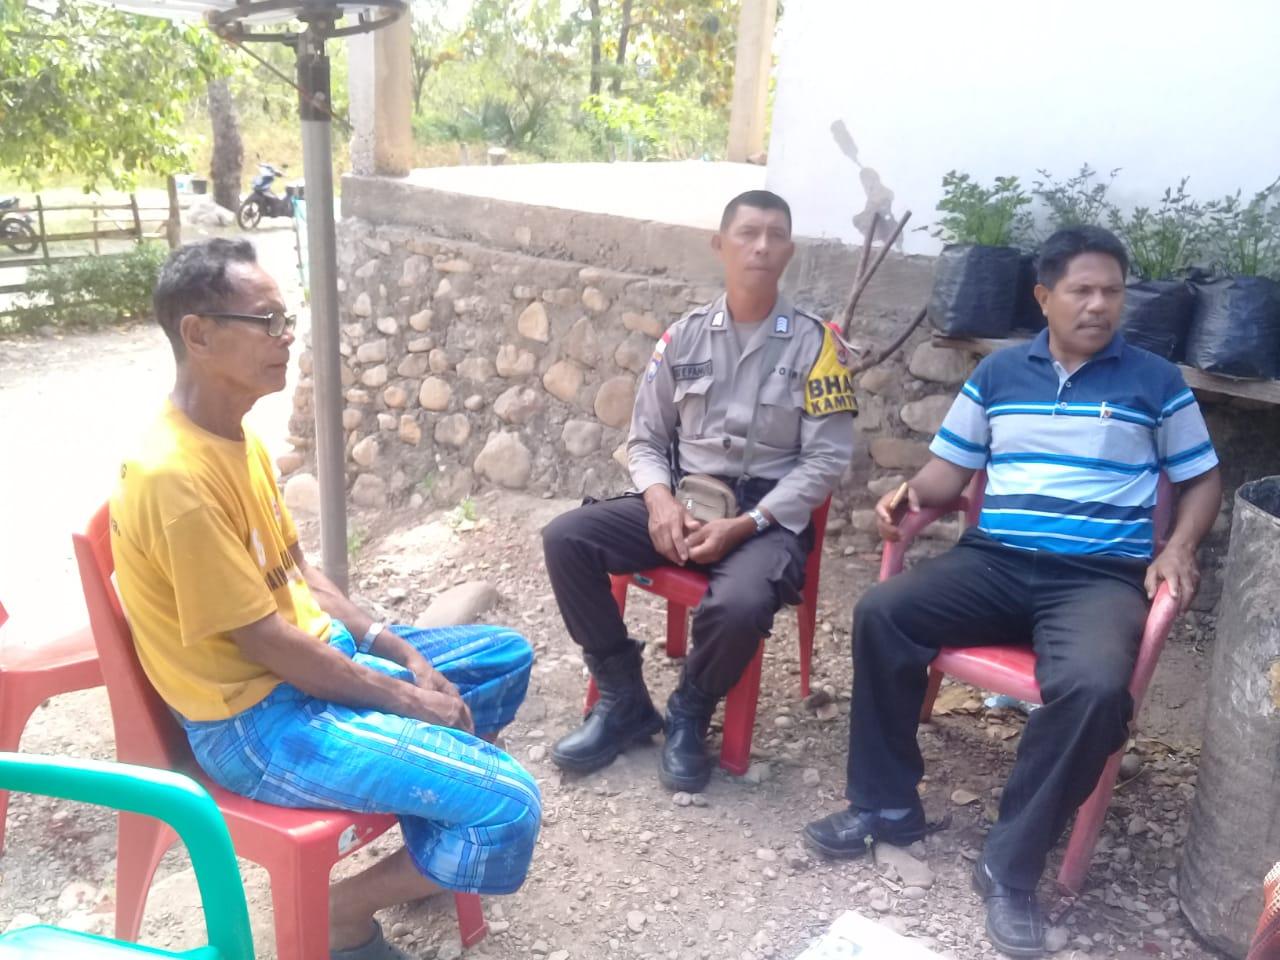 Bhabinkamtibmas Umanen Polres Belu Mediasi Kasus Perkelahian Kakak Beradik